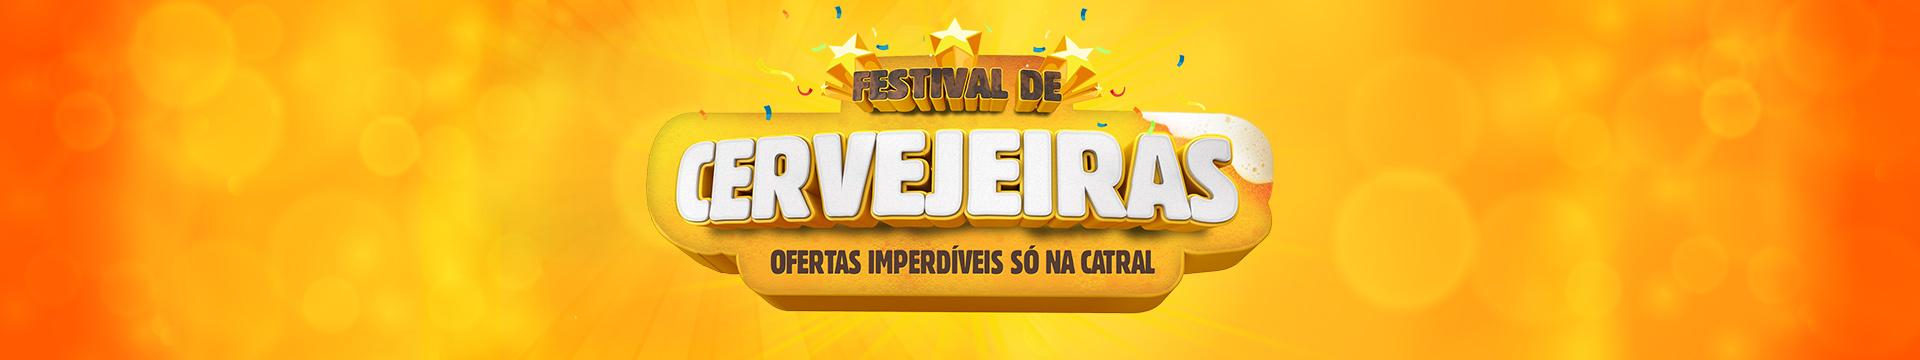 Festival Cervejeiras - Capa